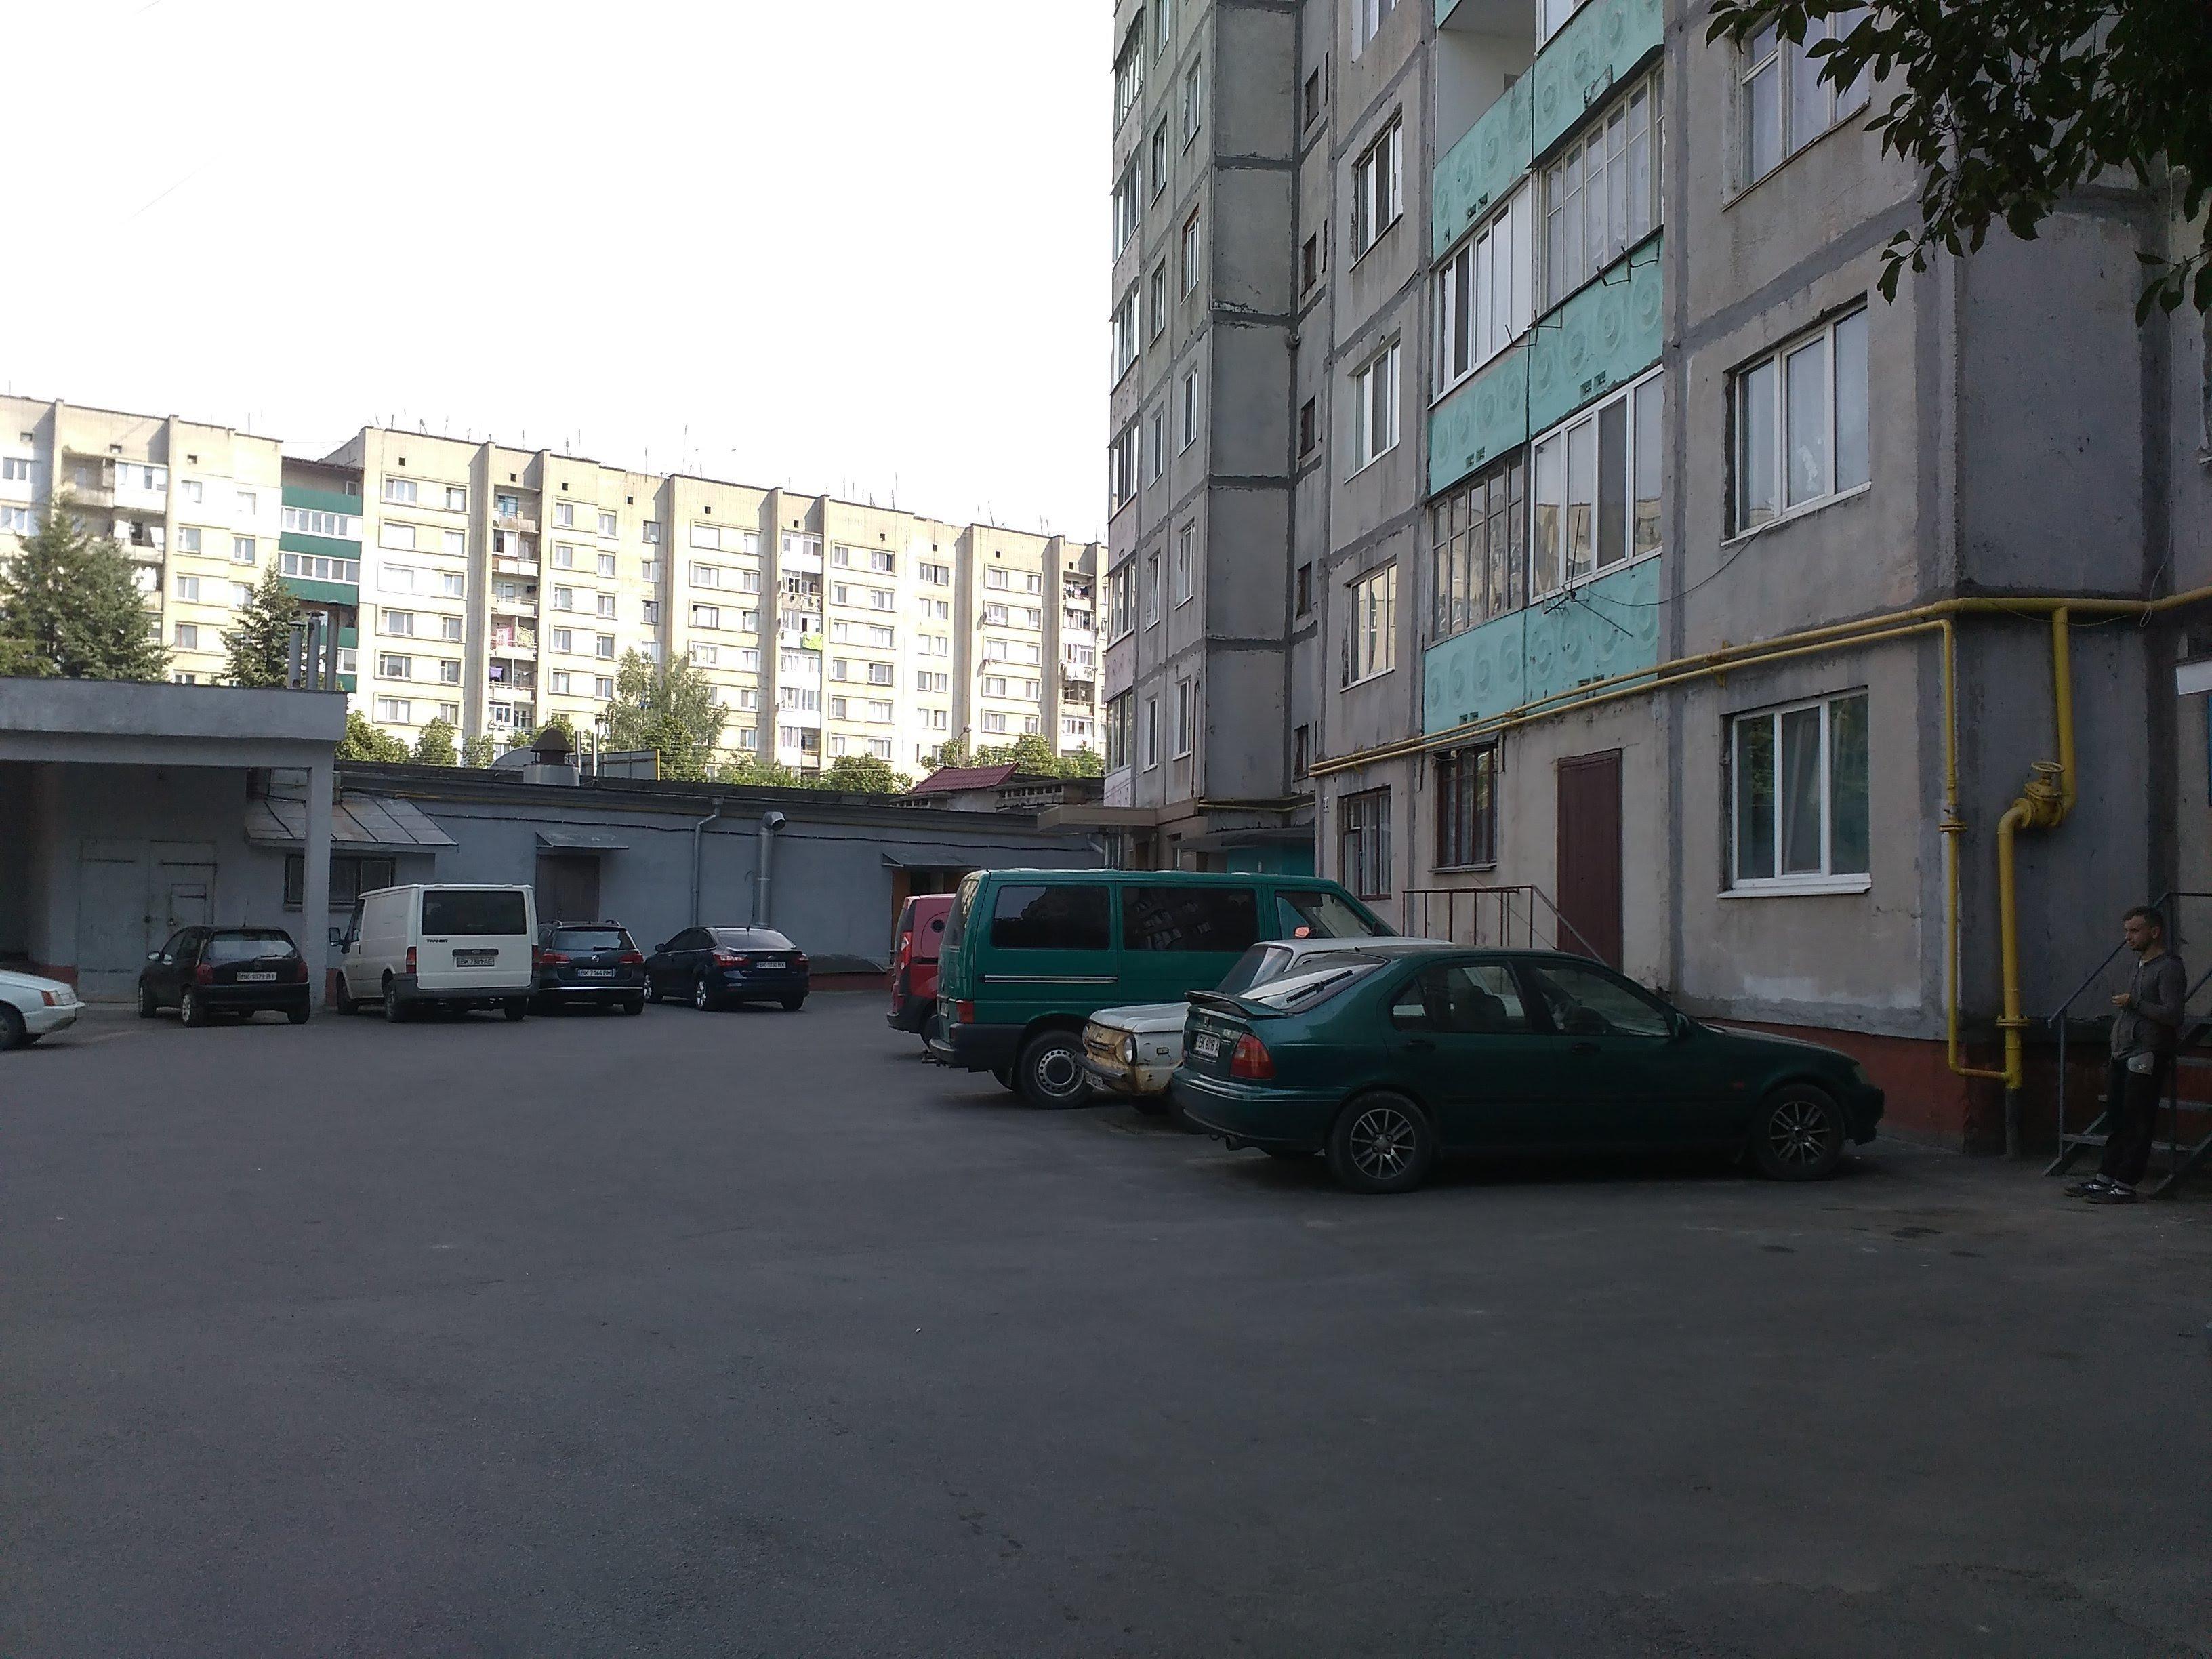 Фото: Продам квартиру в місті Адамівка. Оголошення № 5854